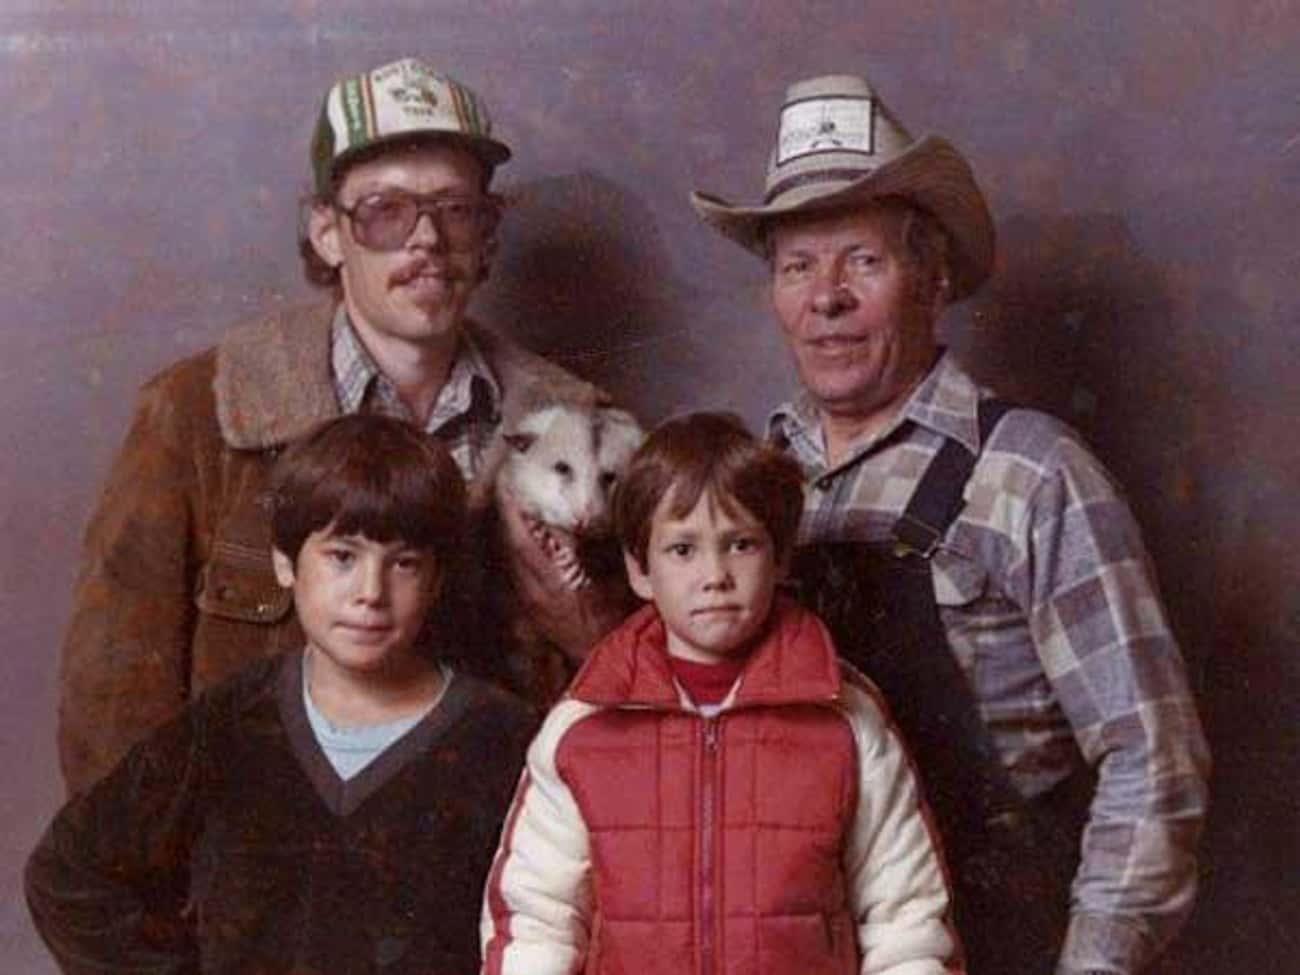 Oh the Family Photo Possum-bilities